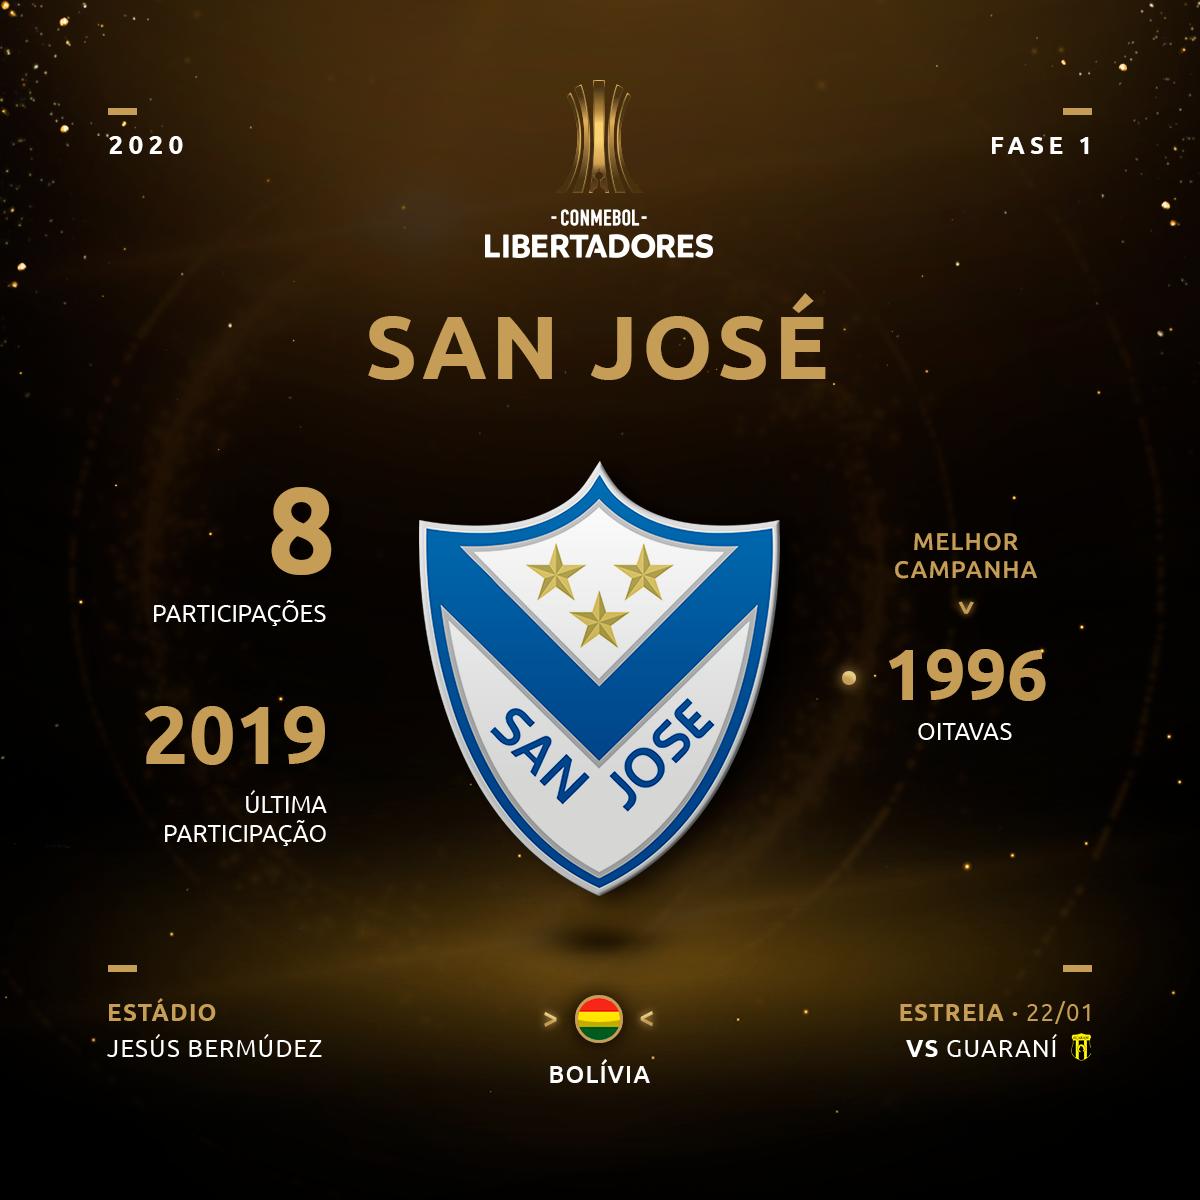 San José - Libertadores 2020